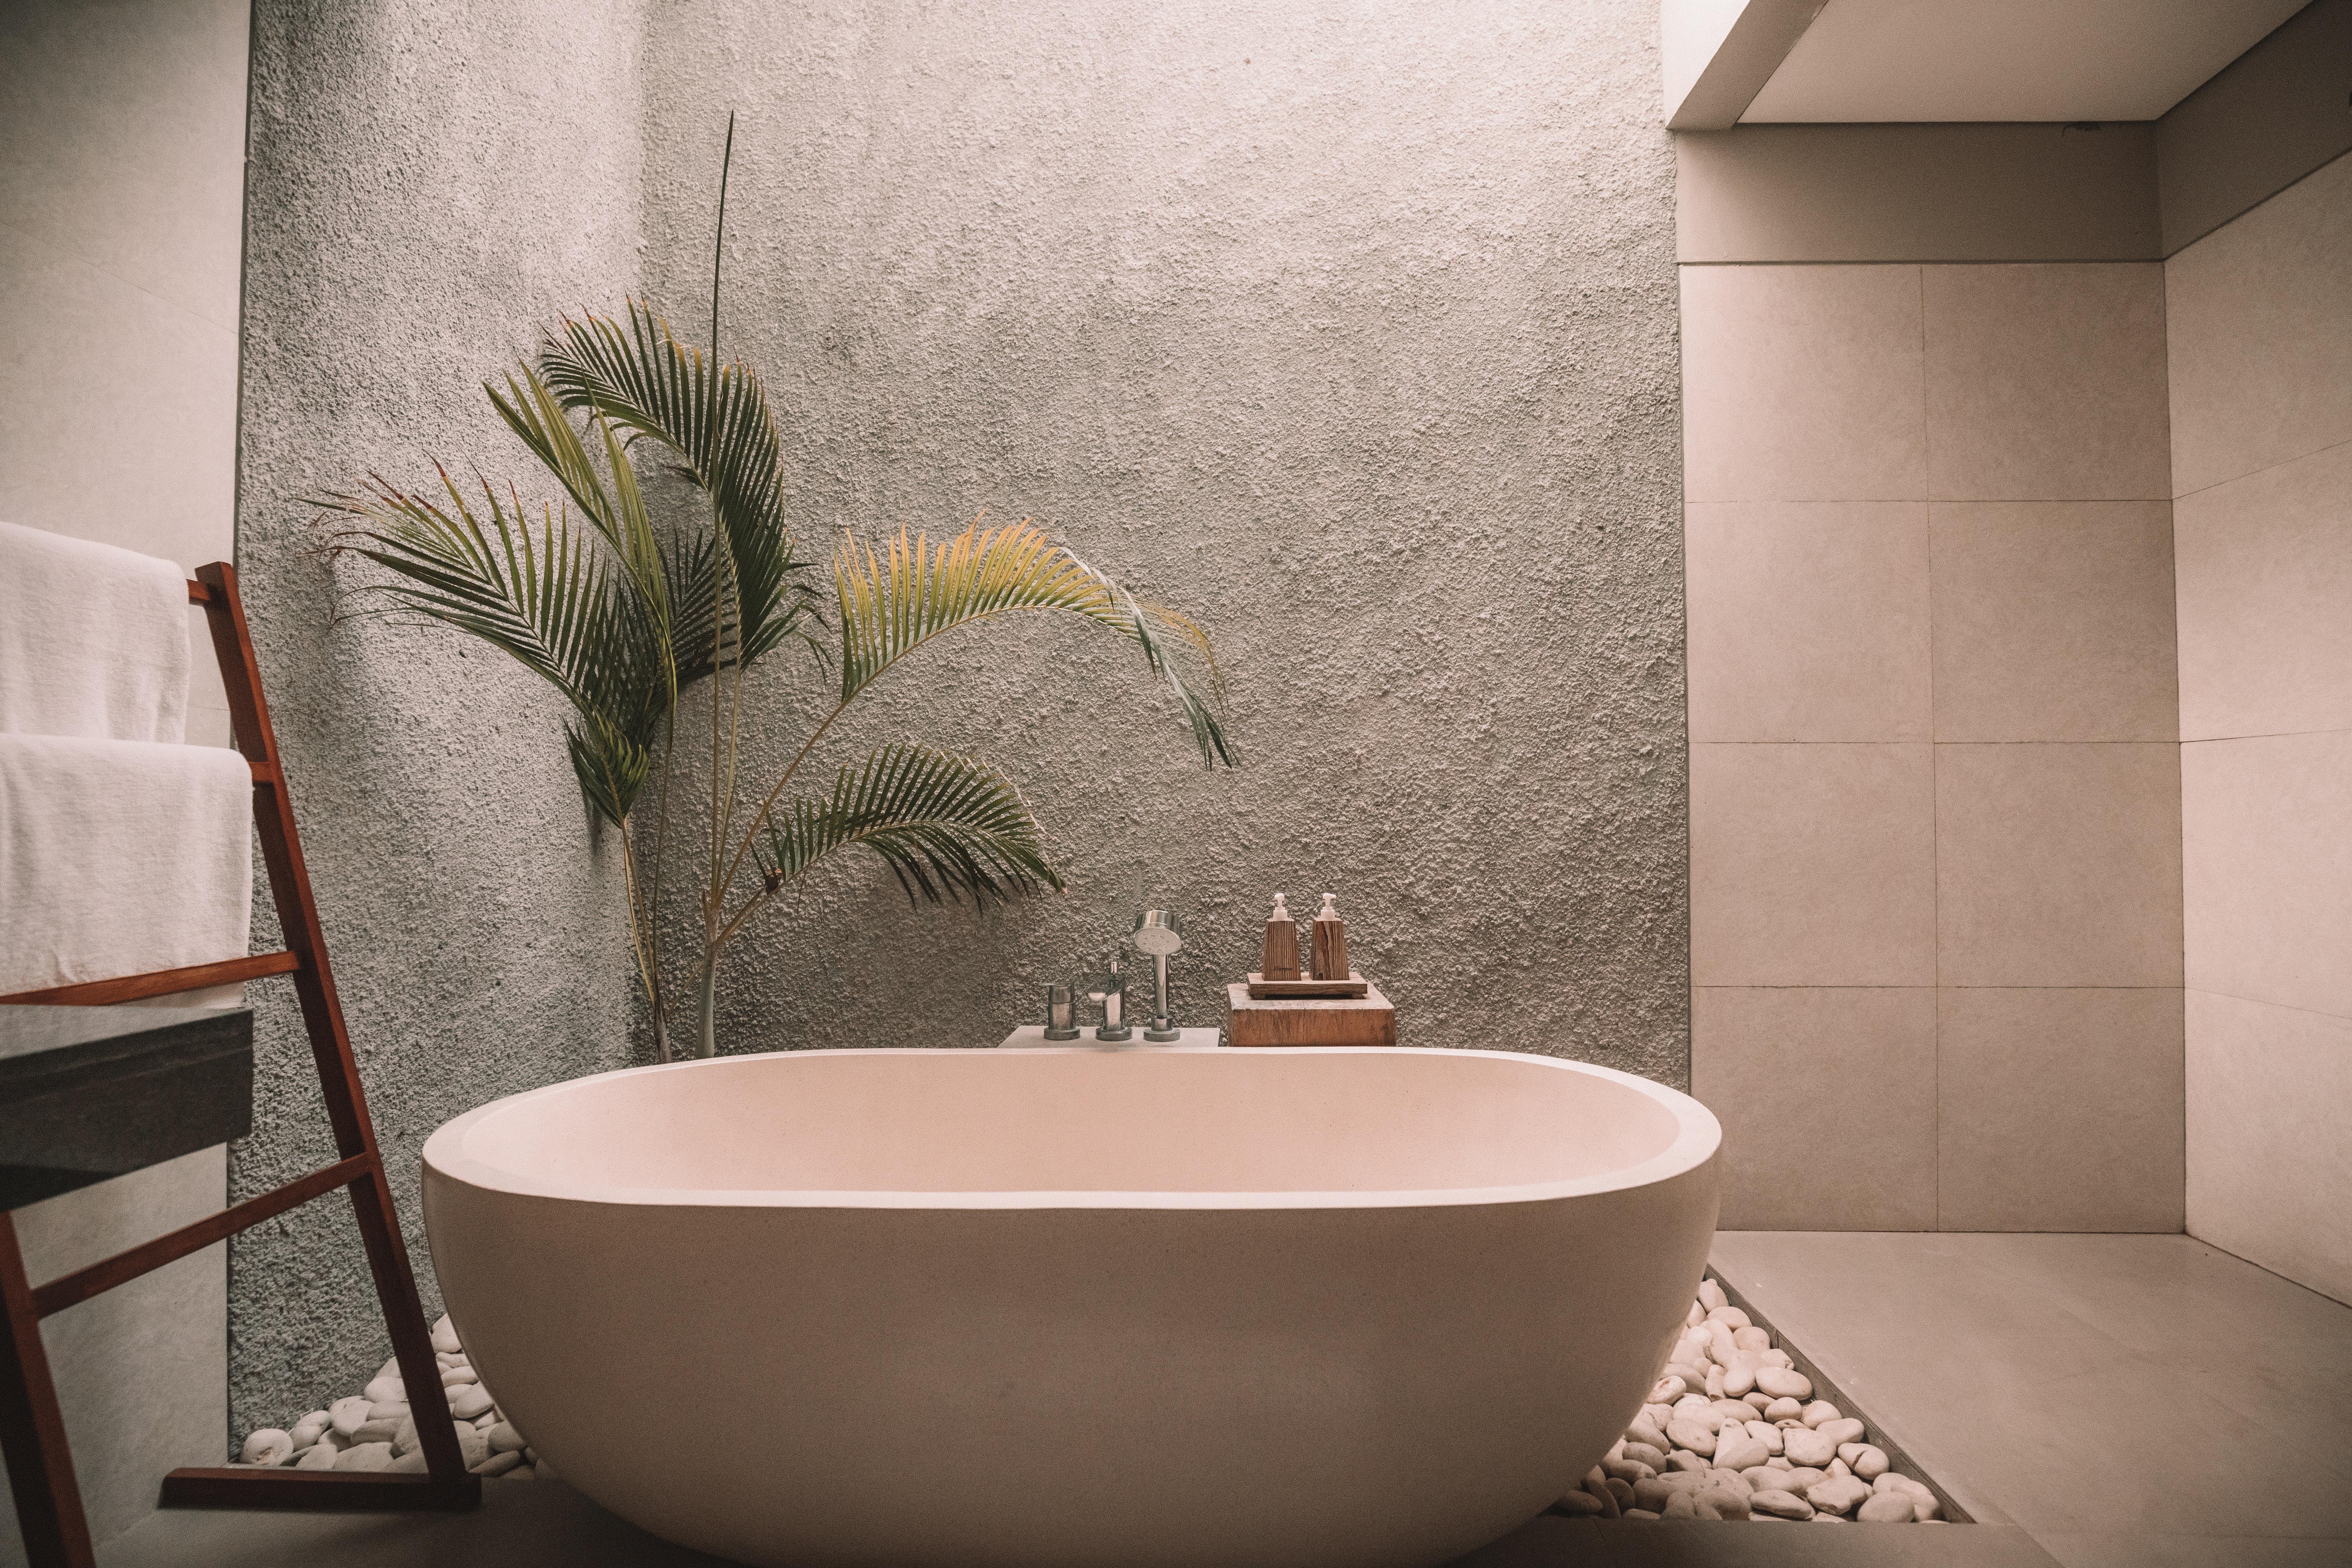 salle de bains avec baignoire et galets